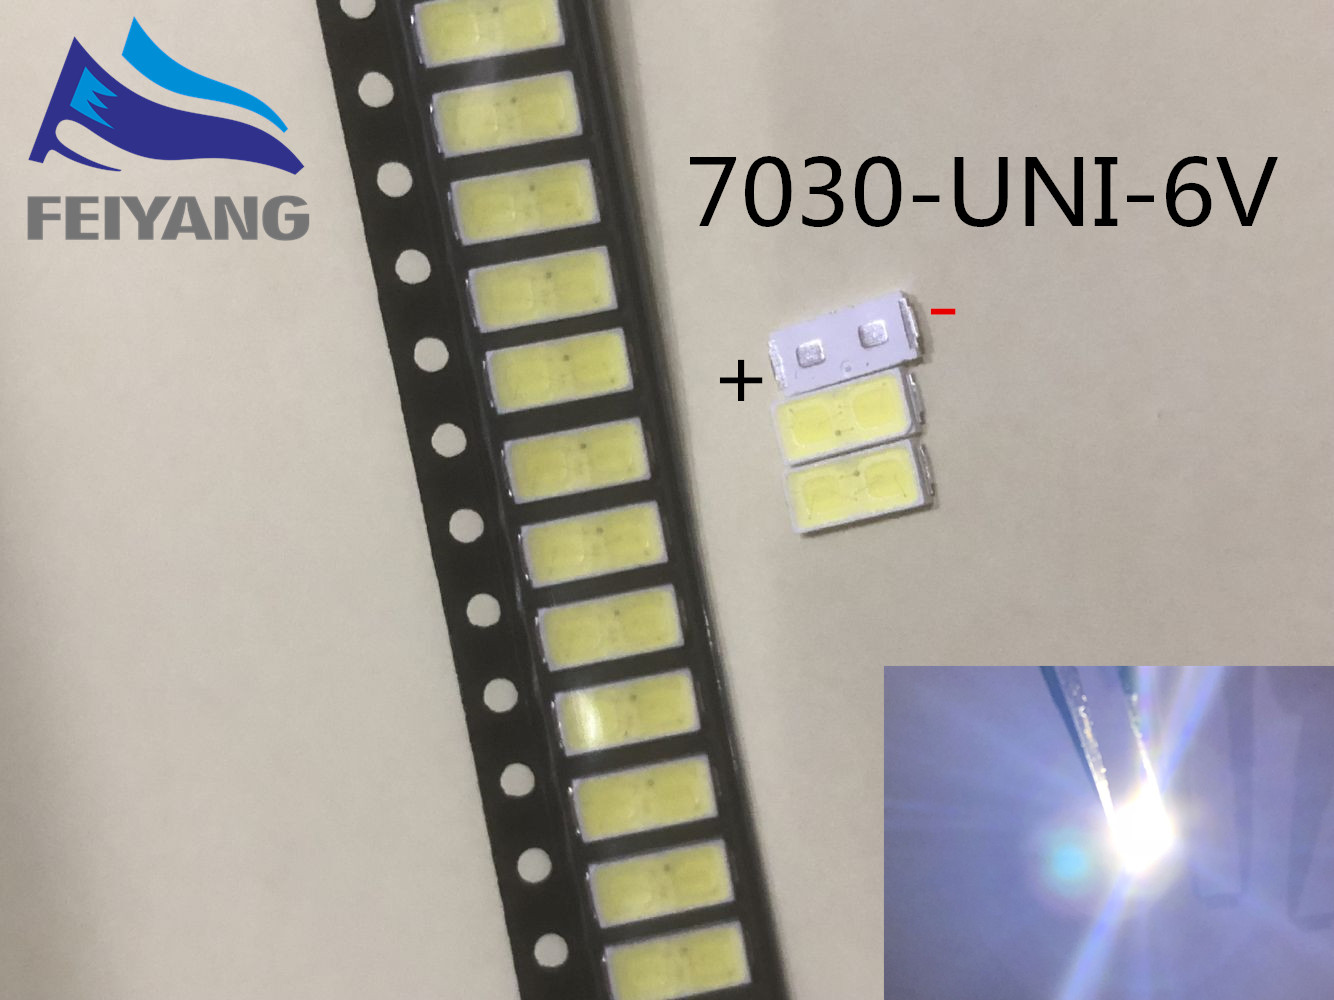 50PCS Maintenance of UNI LED LCD TV backlight lamp with light emitting diode 6V tube 7030 SMD beads UNI